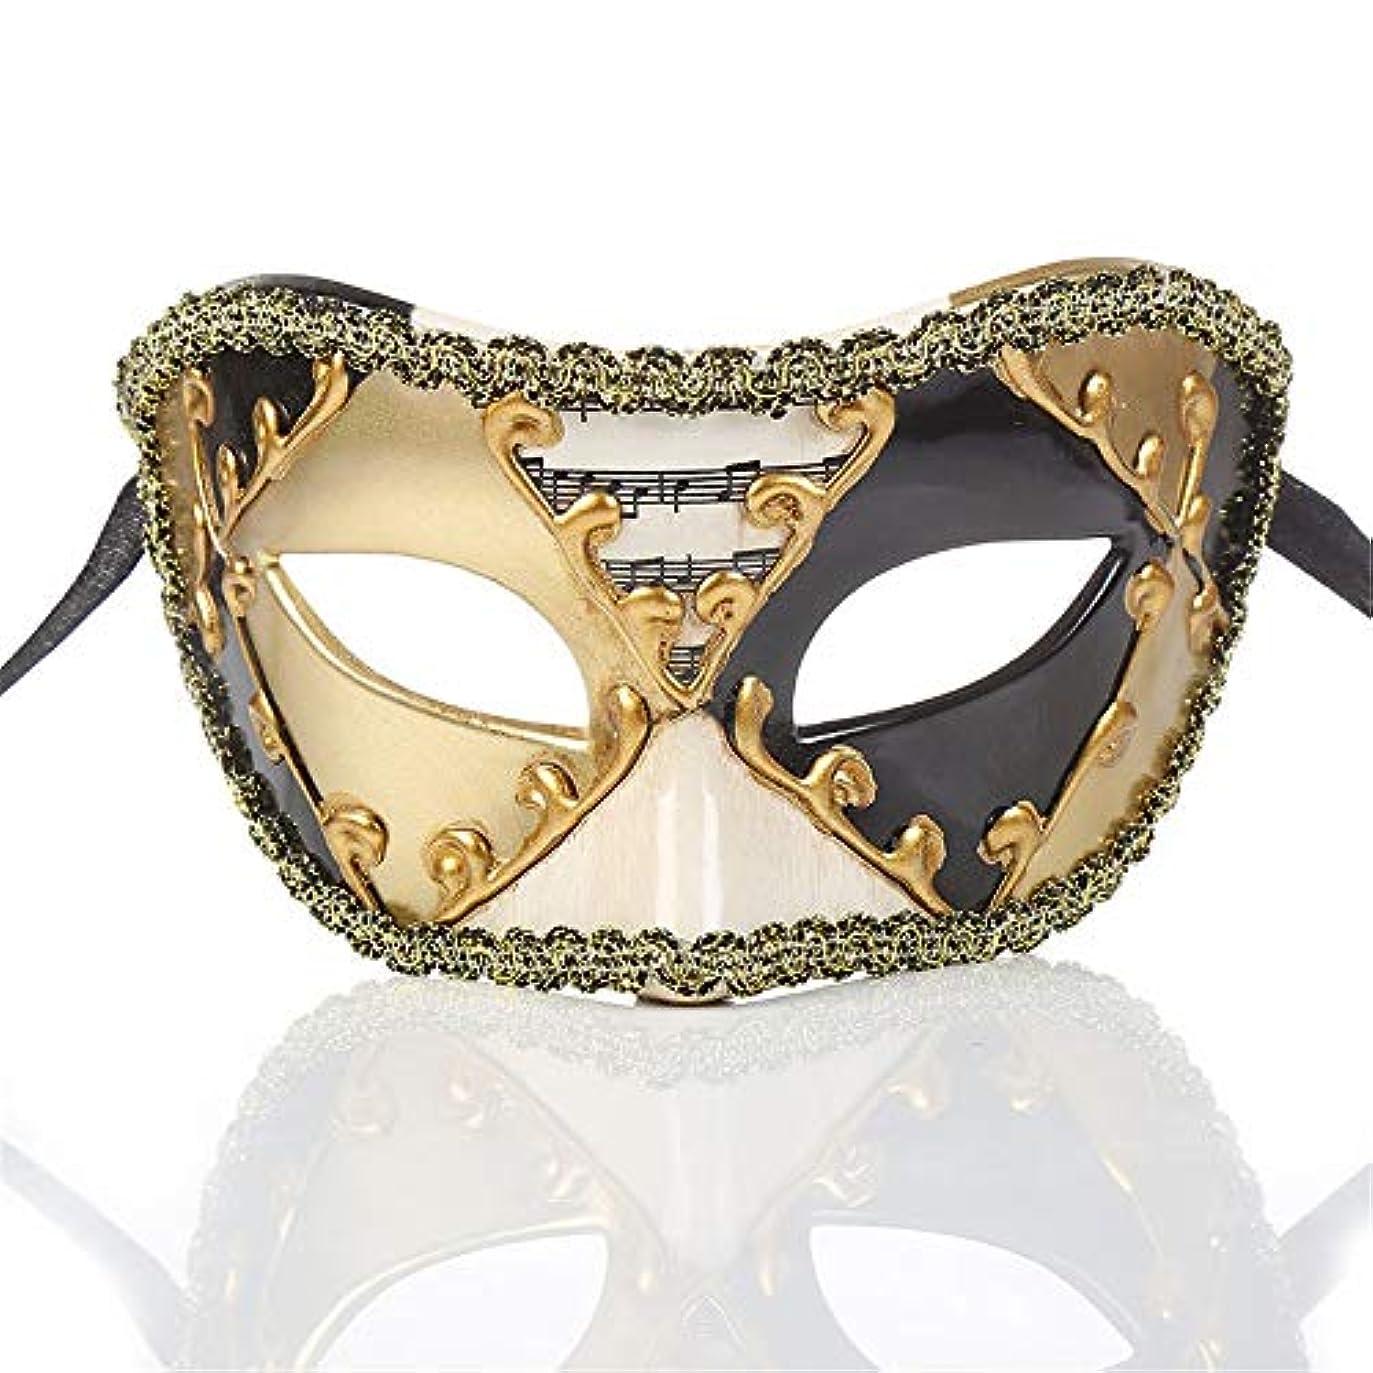 退却祭り責任者ダンスマスク ヴィンテージクラシックハーフフェイスクラウンミュージカルノート装飾マスクフェスティバルロールプレイングプラスチックマスク ホリデーパーティー用品 (色 : ブラック, サイズ : 16.5x8cm)